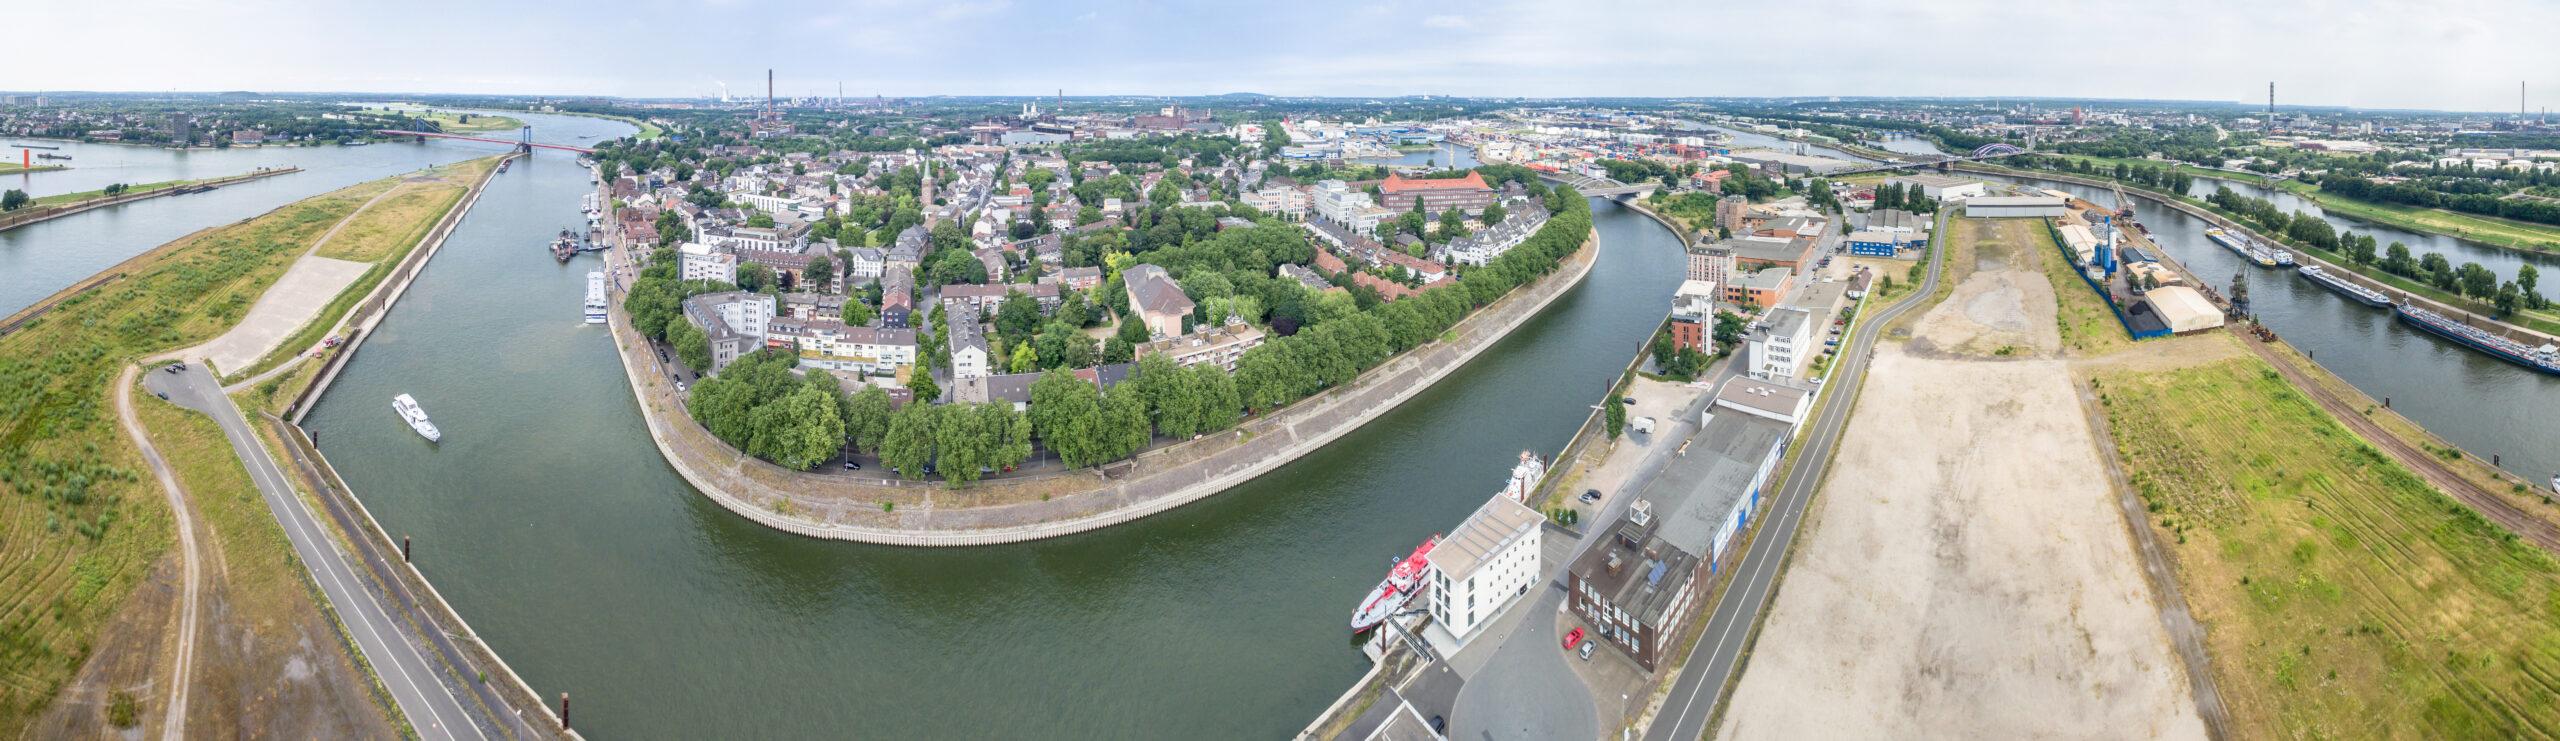 Luftaufnahmen von Duisburg Ruhrort, Deutschland